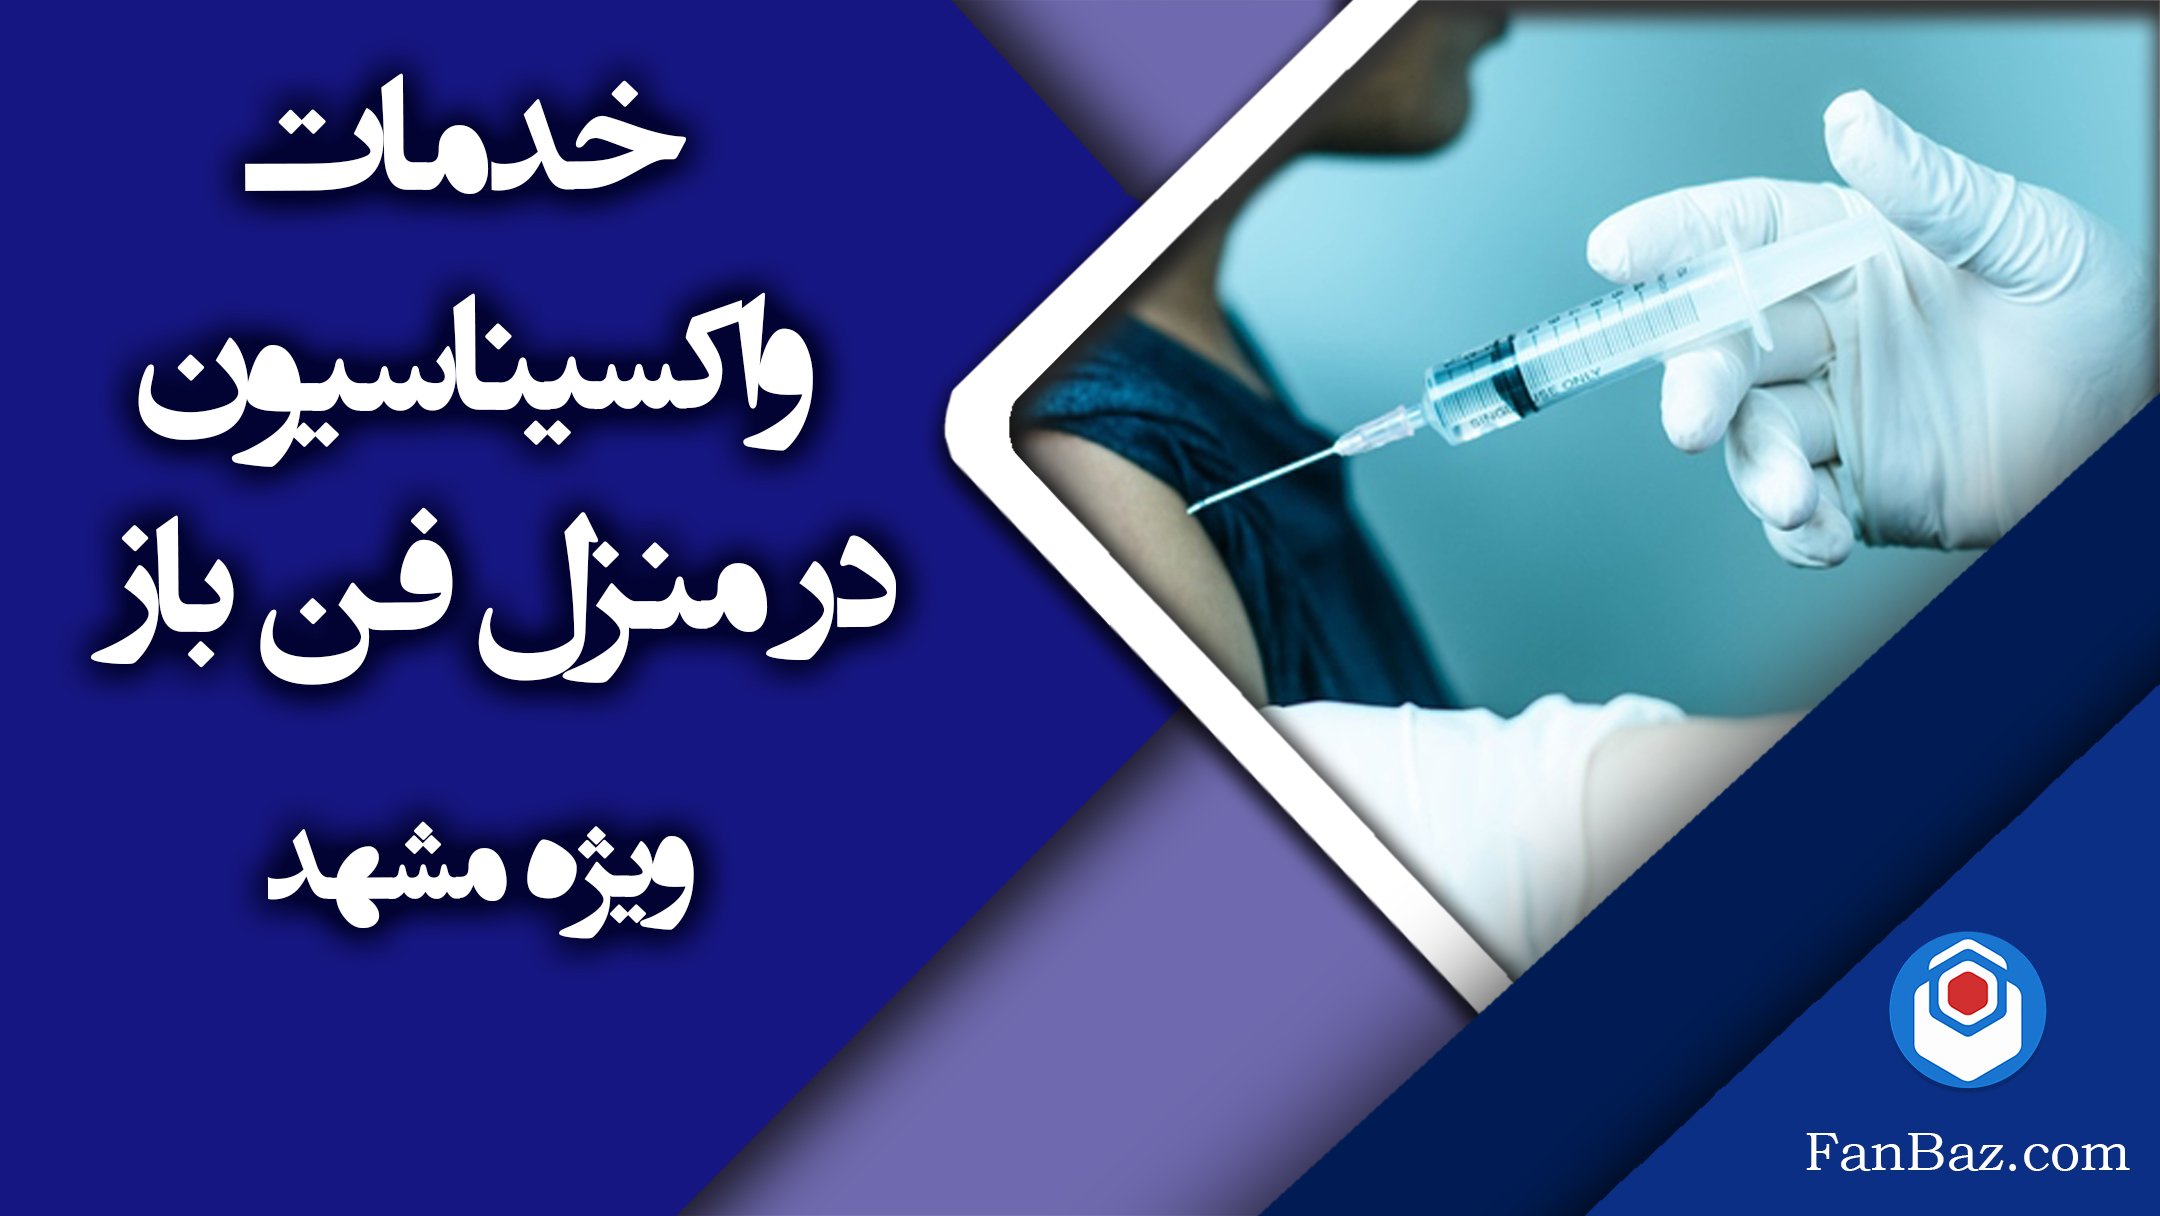 خدمات واکسیناسون فن باز در منزل در مشهد